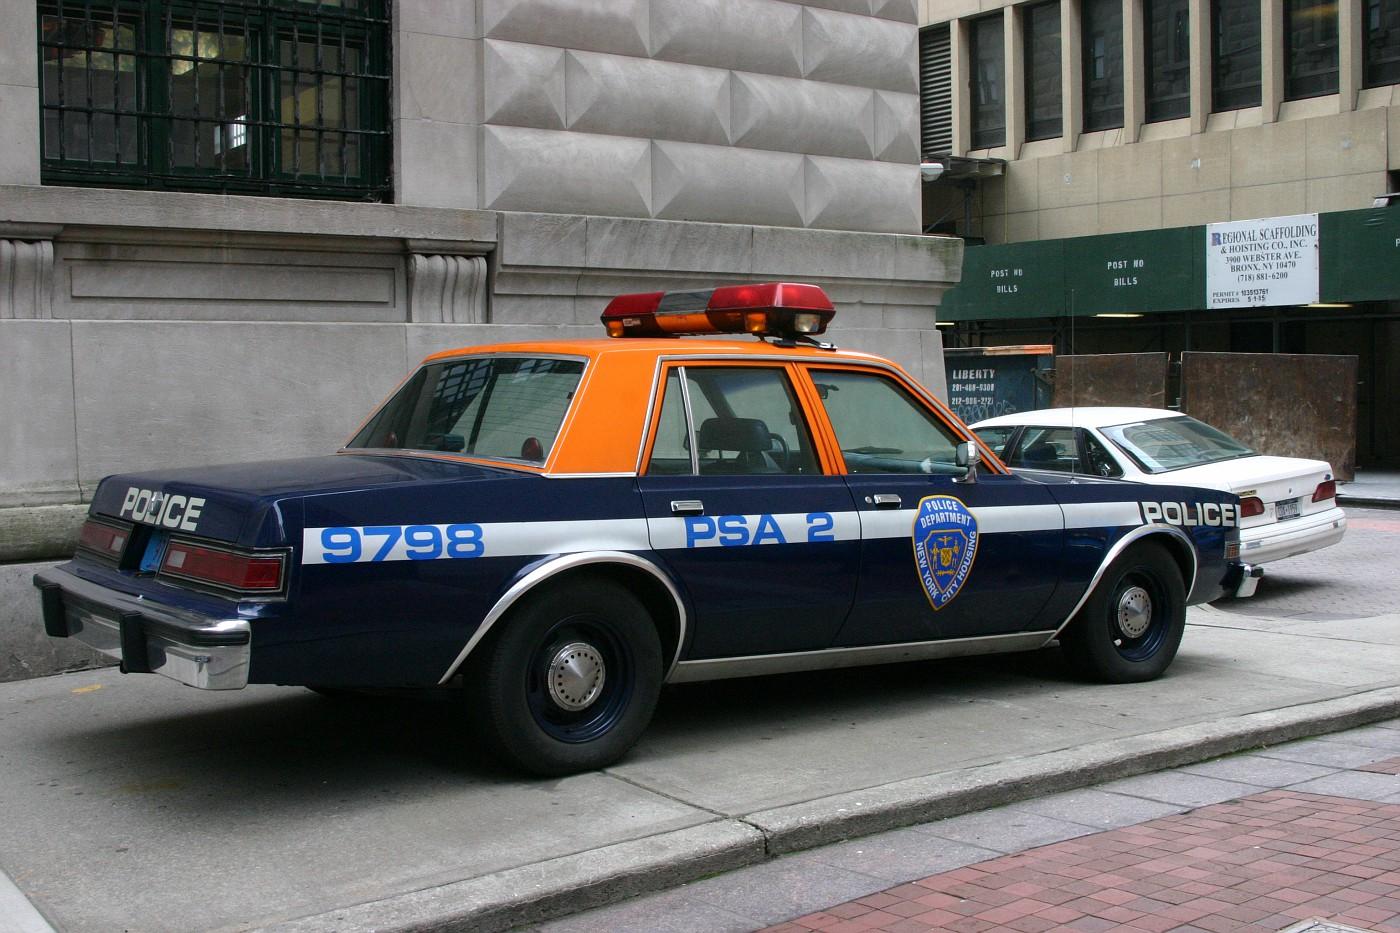 NY - New York City Housing Police